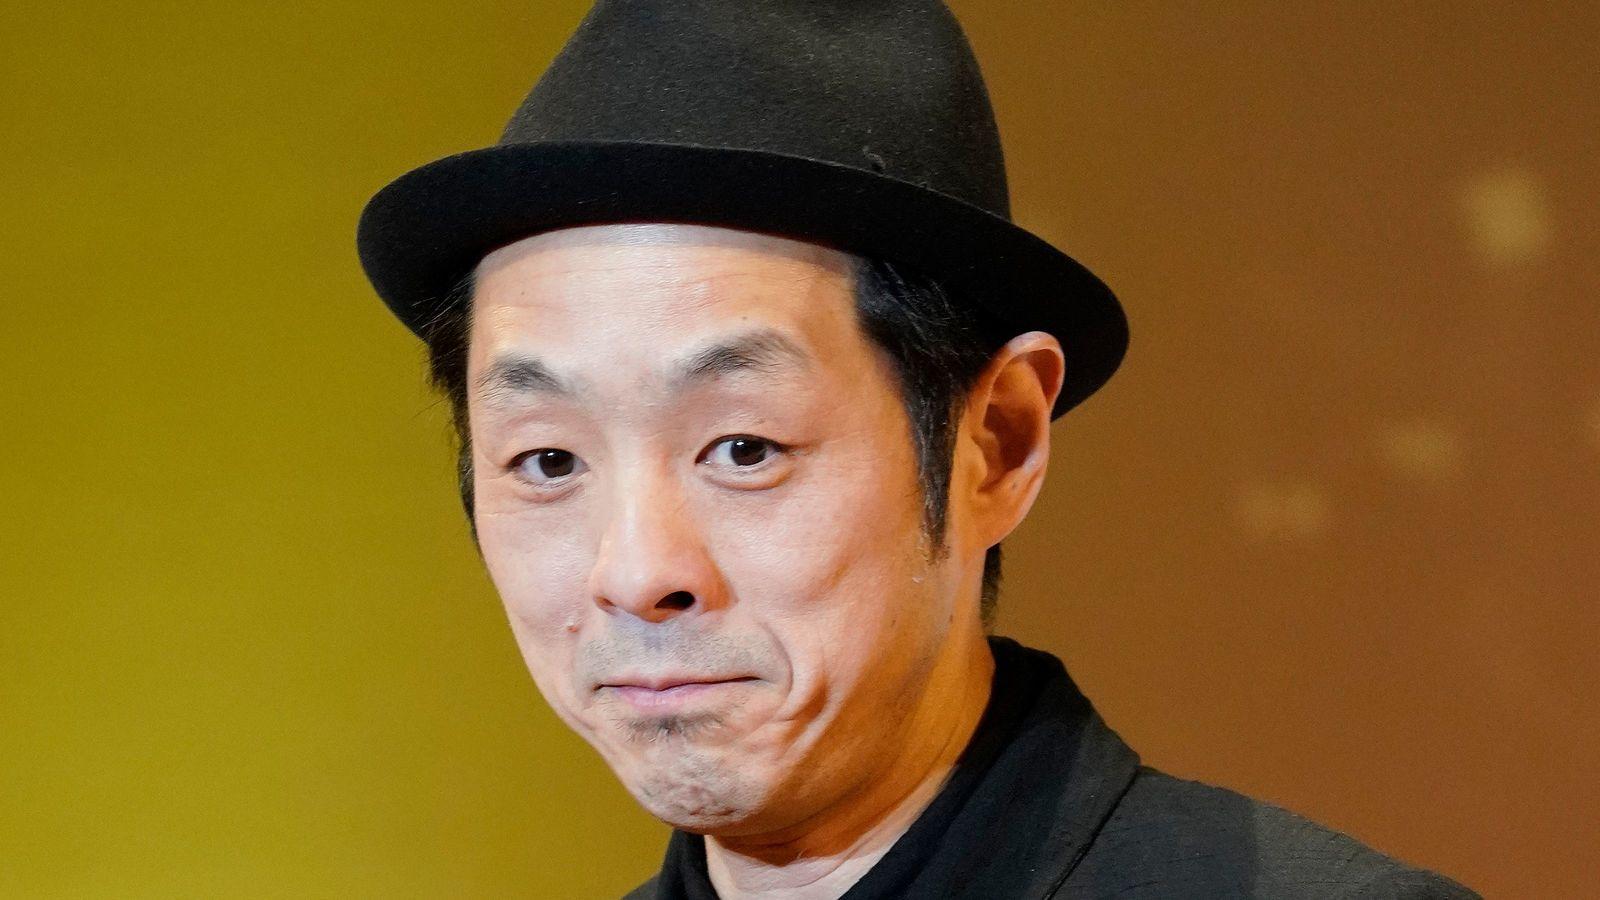 宮藤官九郎さんにコロナ感染を謝罪させる異常で危険な日本社会 これでは「コロナ隠し」を誘発する